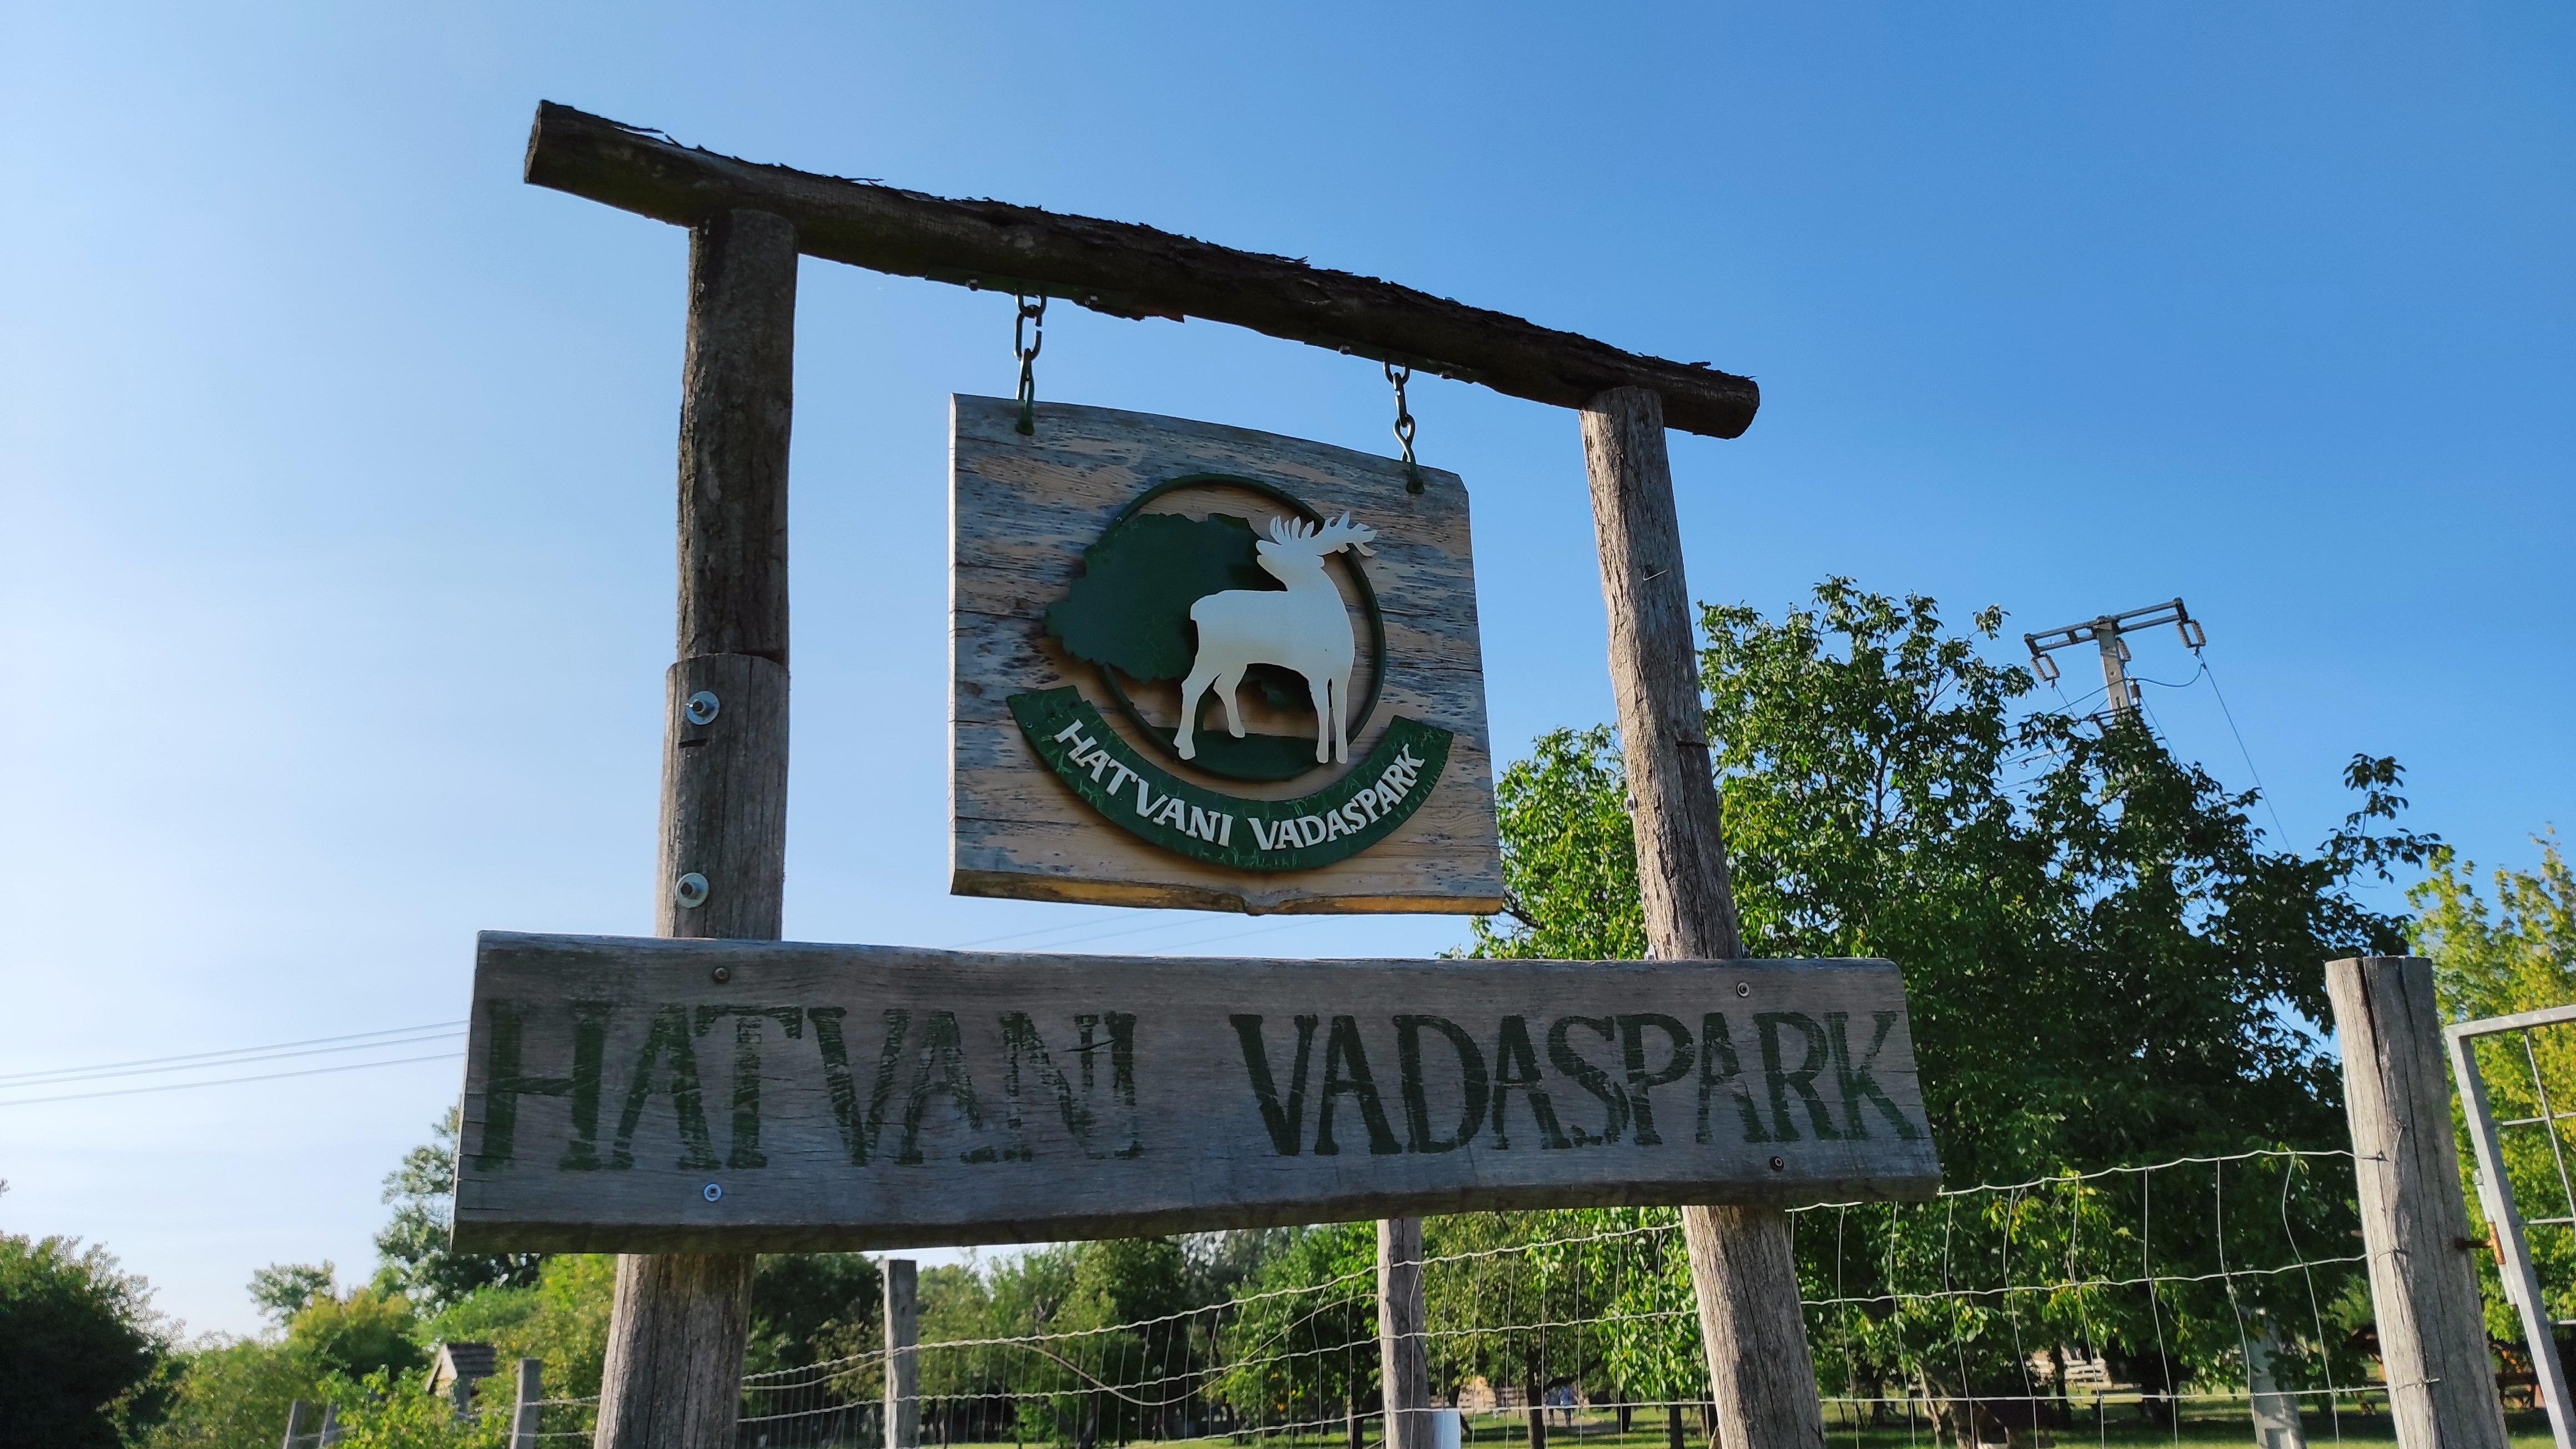 Kirandulastervezo-Hatvan-Vadaspark-01.jpg